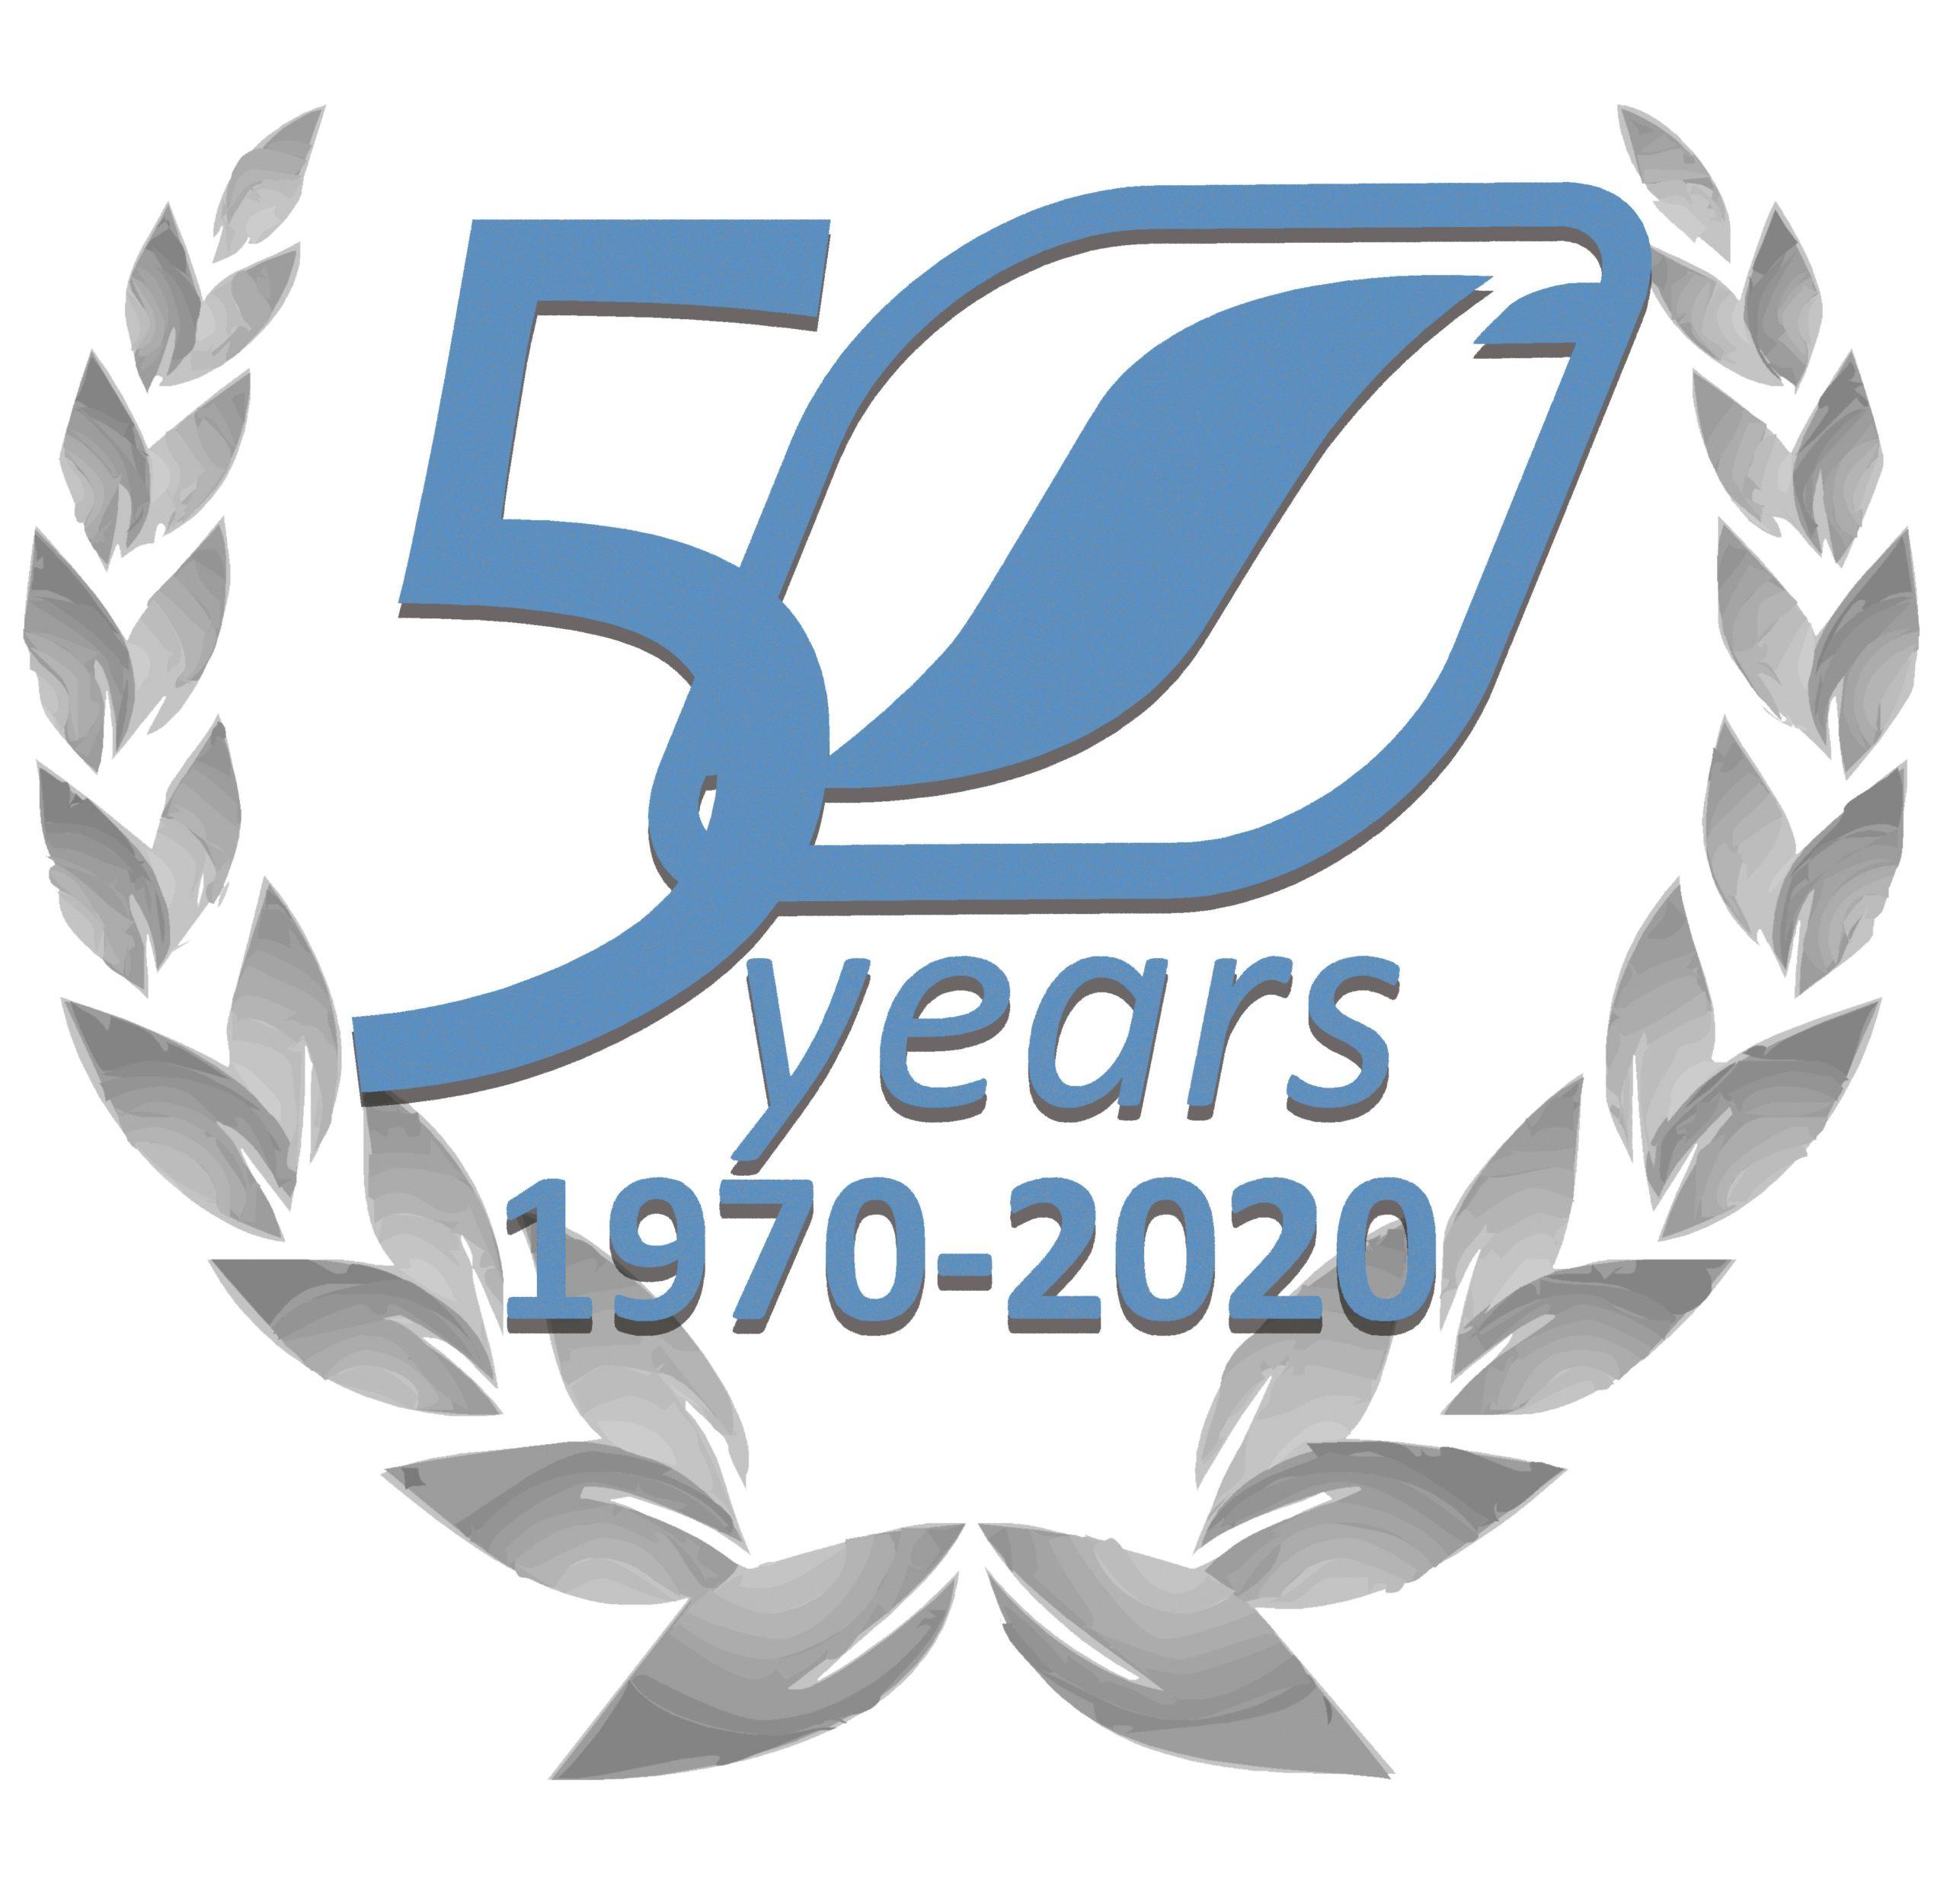 Logotipo 50 aniversario AESA Forja aluminio automoción